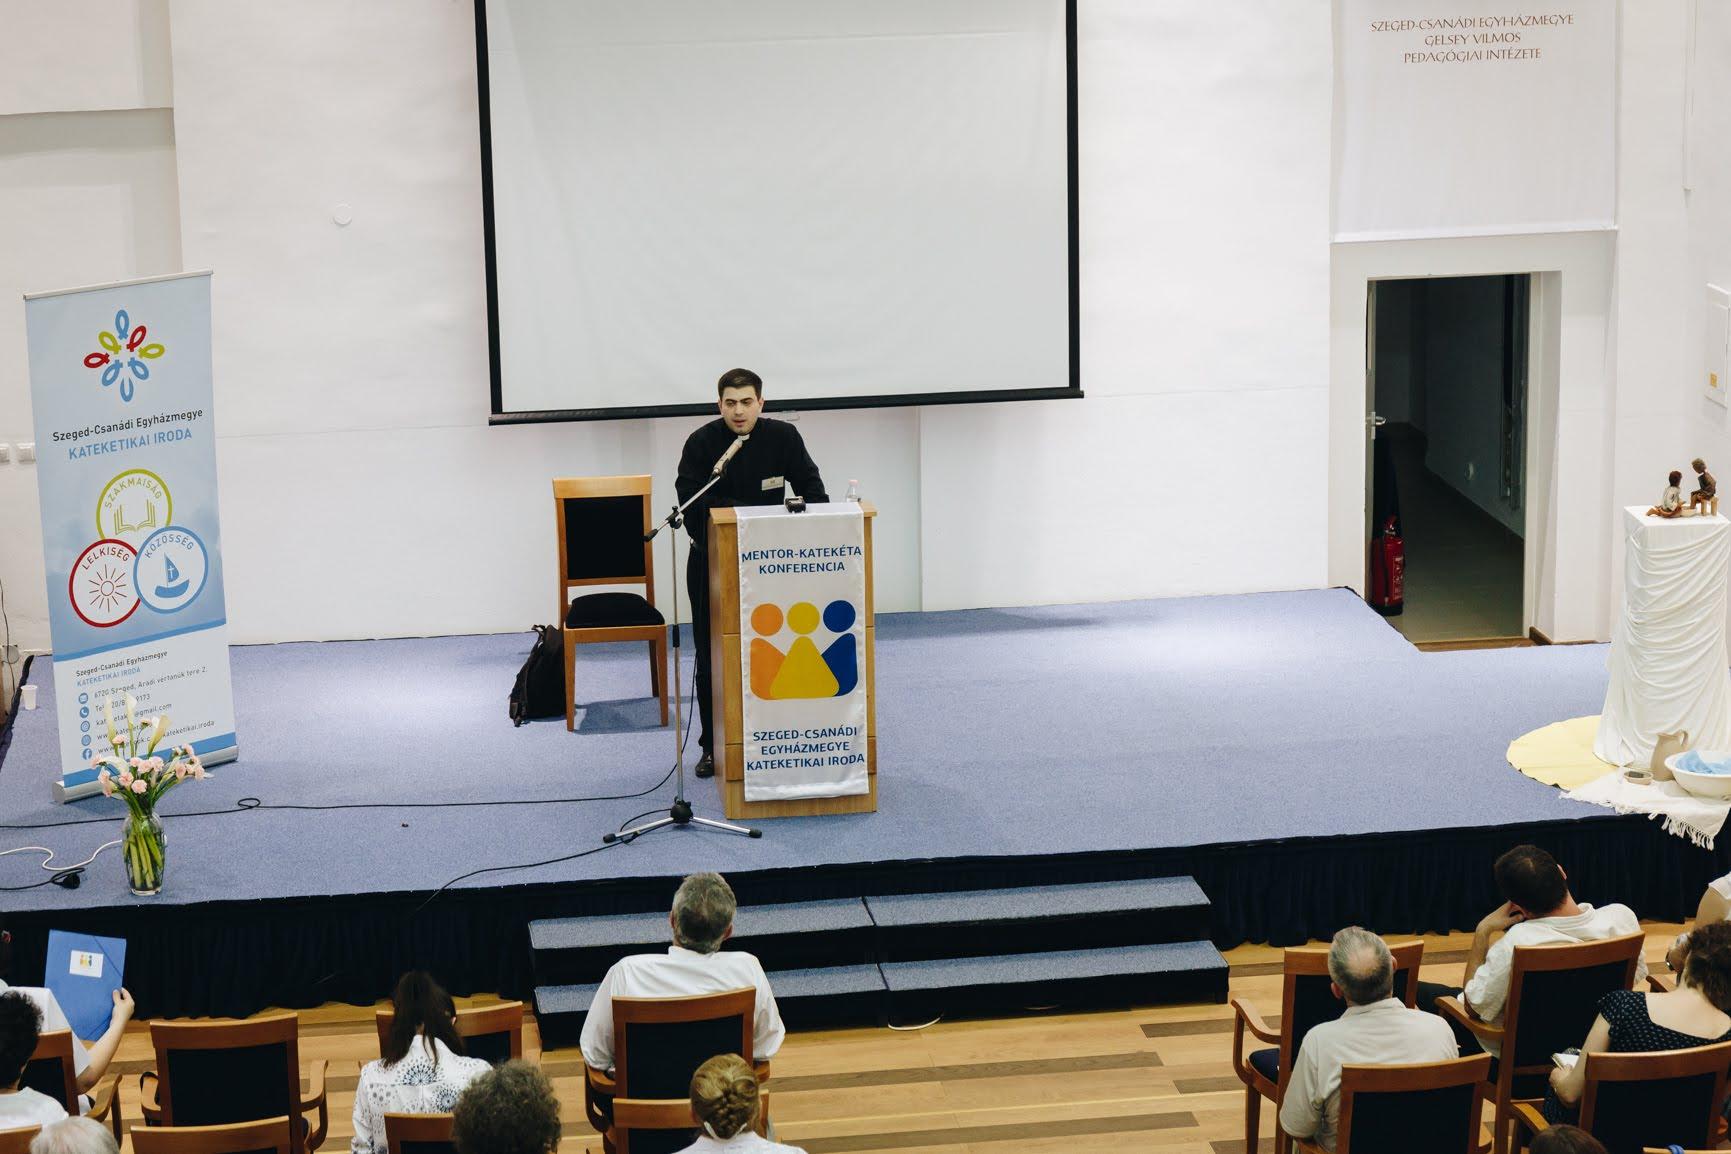 Mentor Konferencia 085